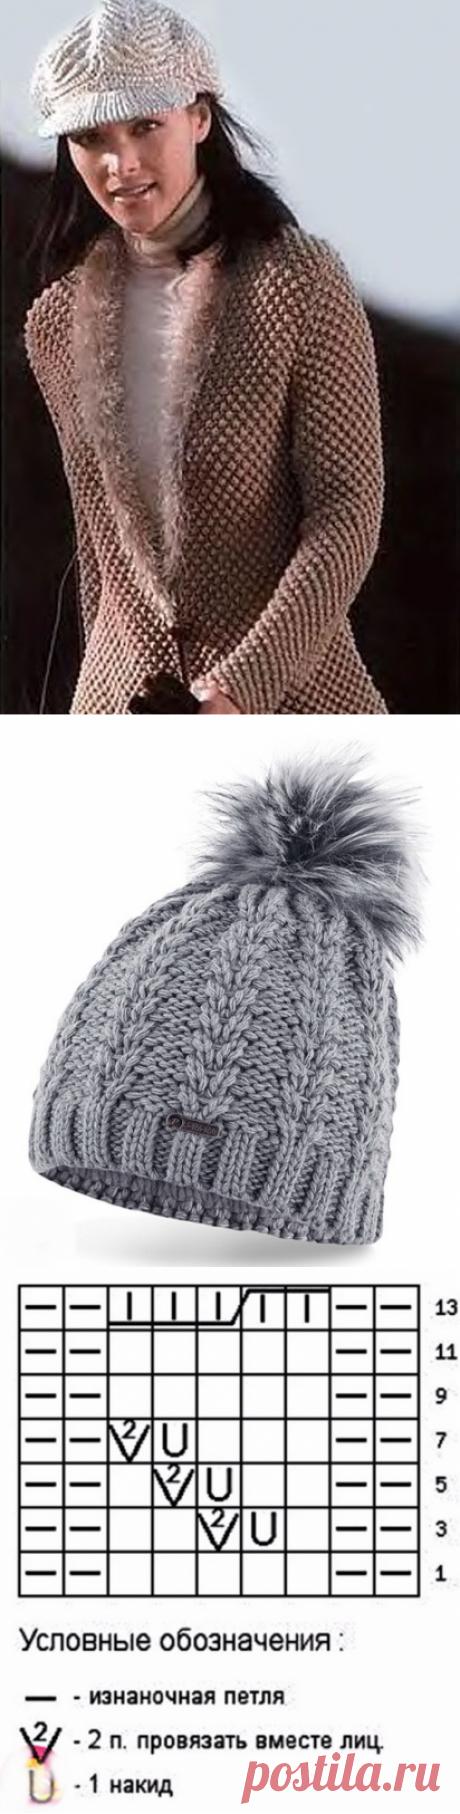 Тёплый жакетик и шапка с колосками спицами